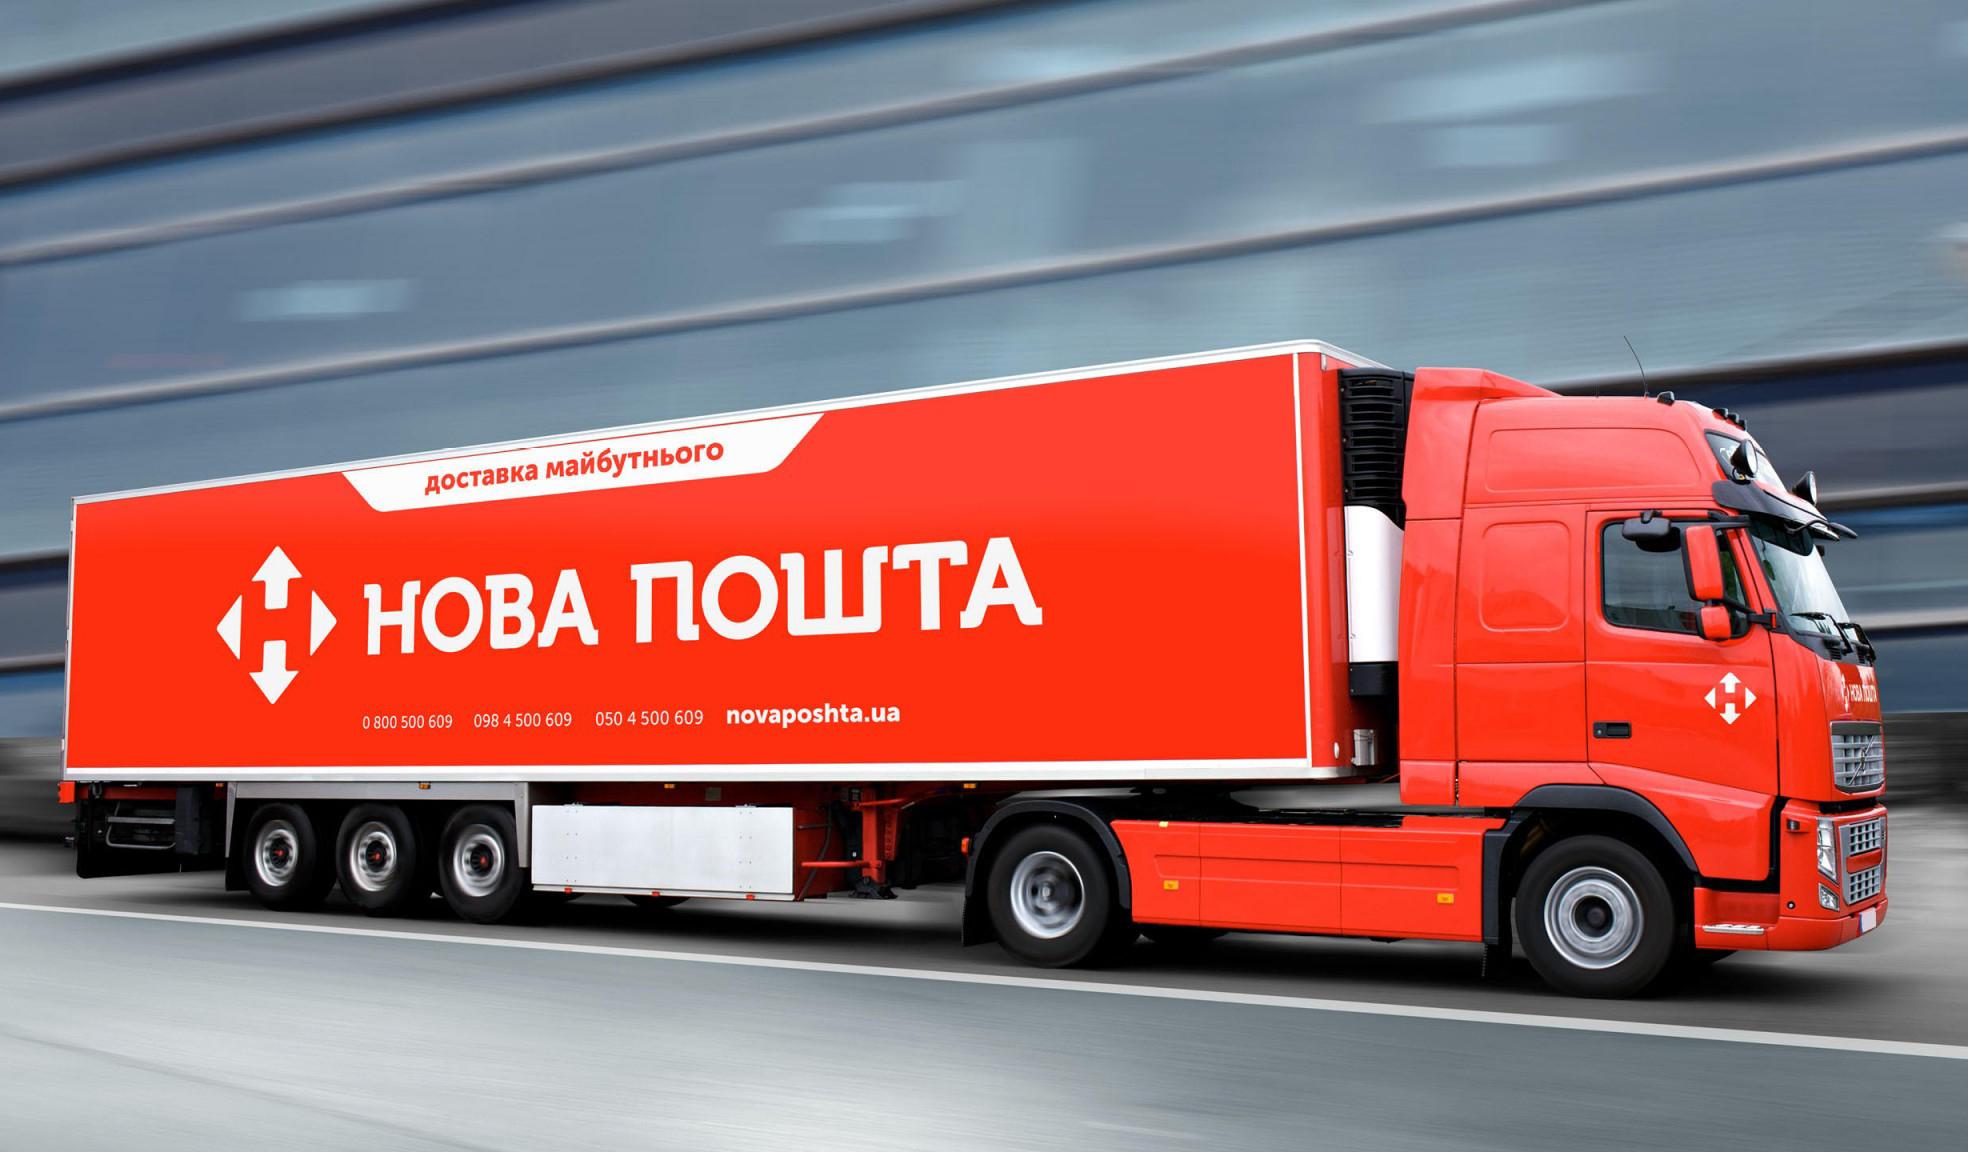 Теперь «Нова Пошта» будет работать без выходных